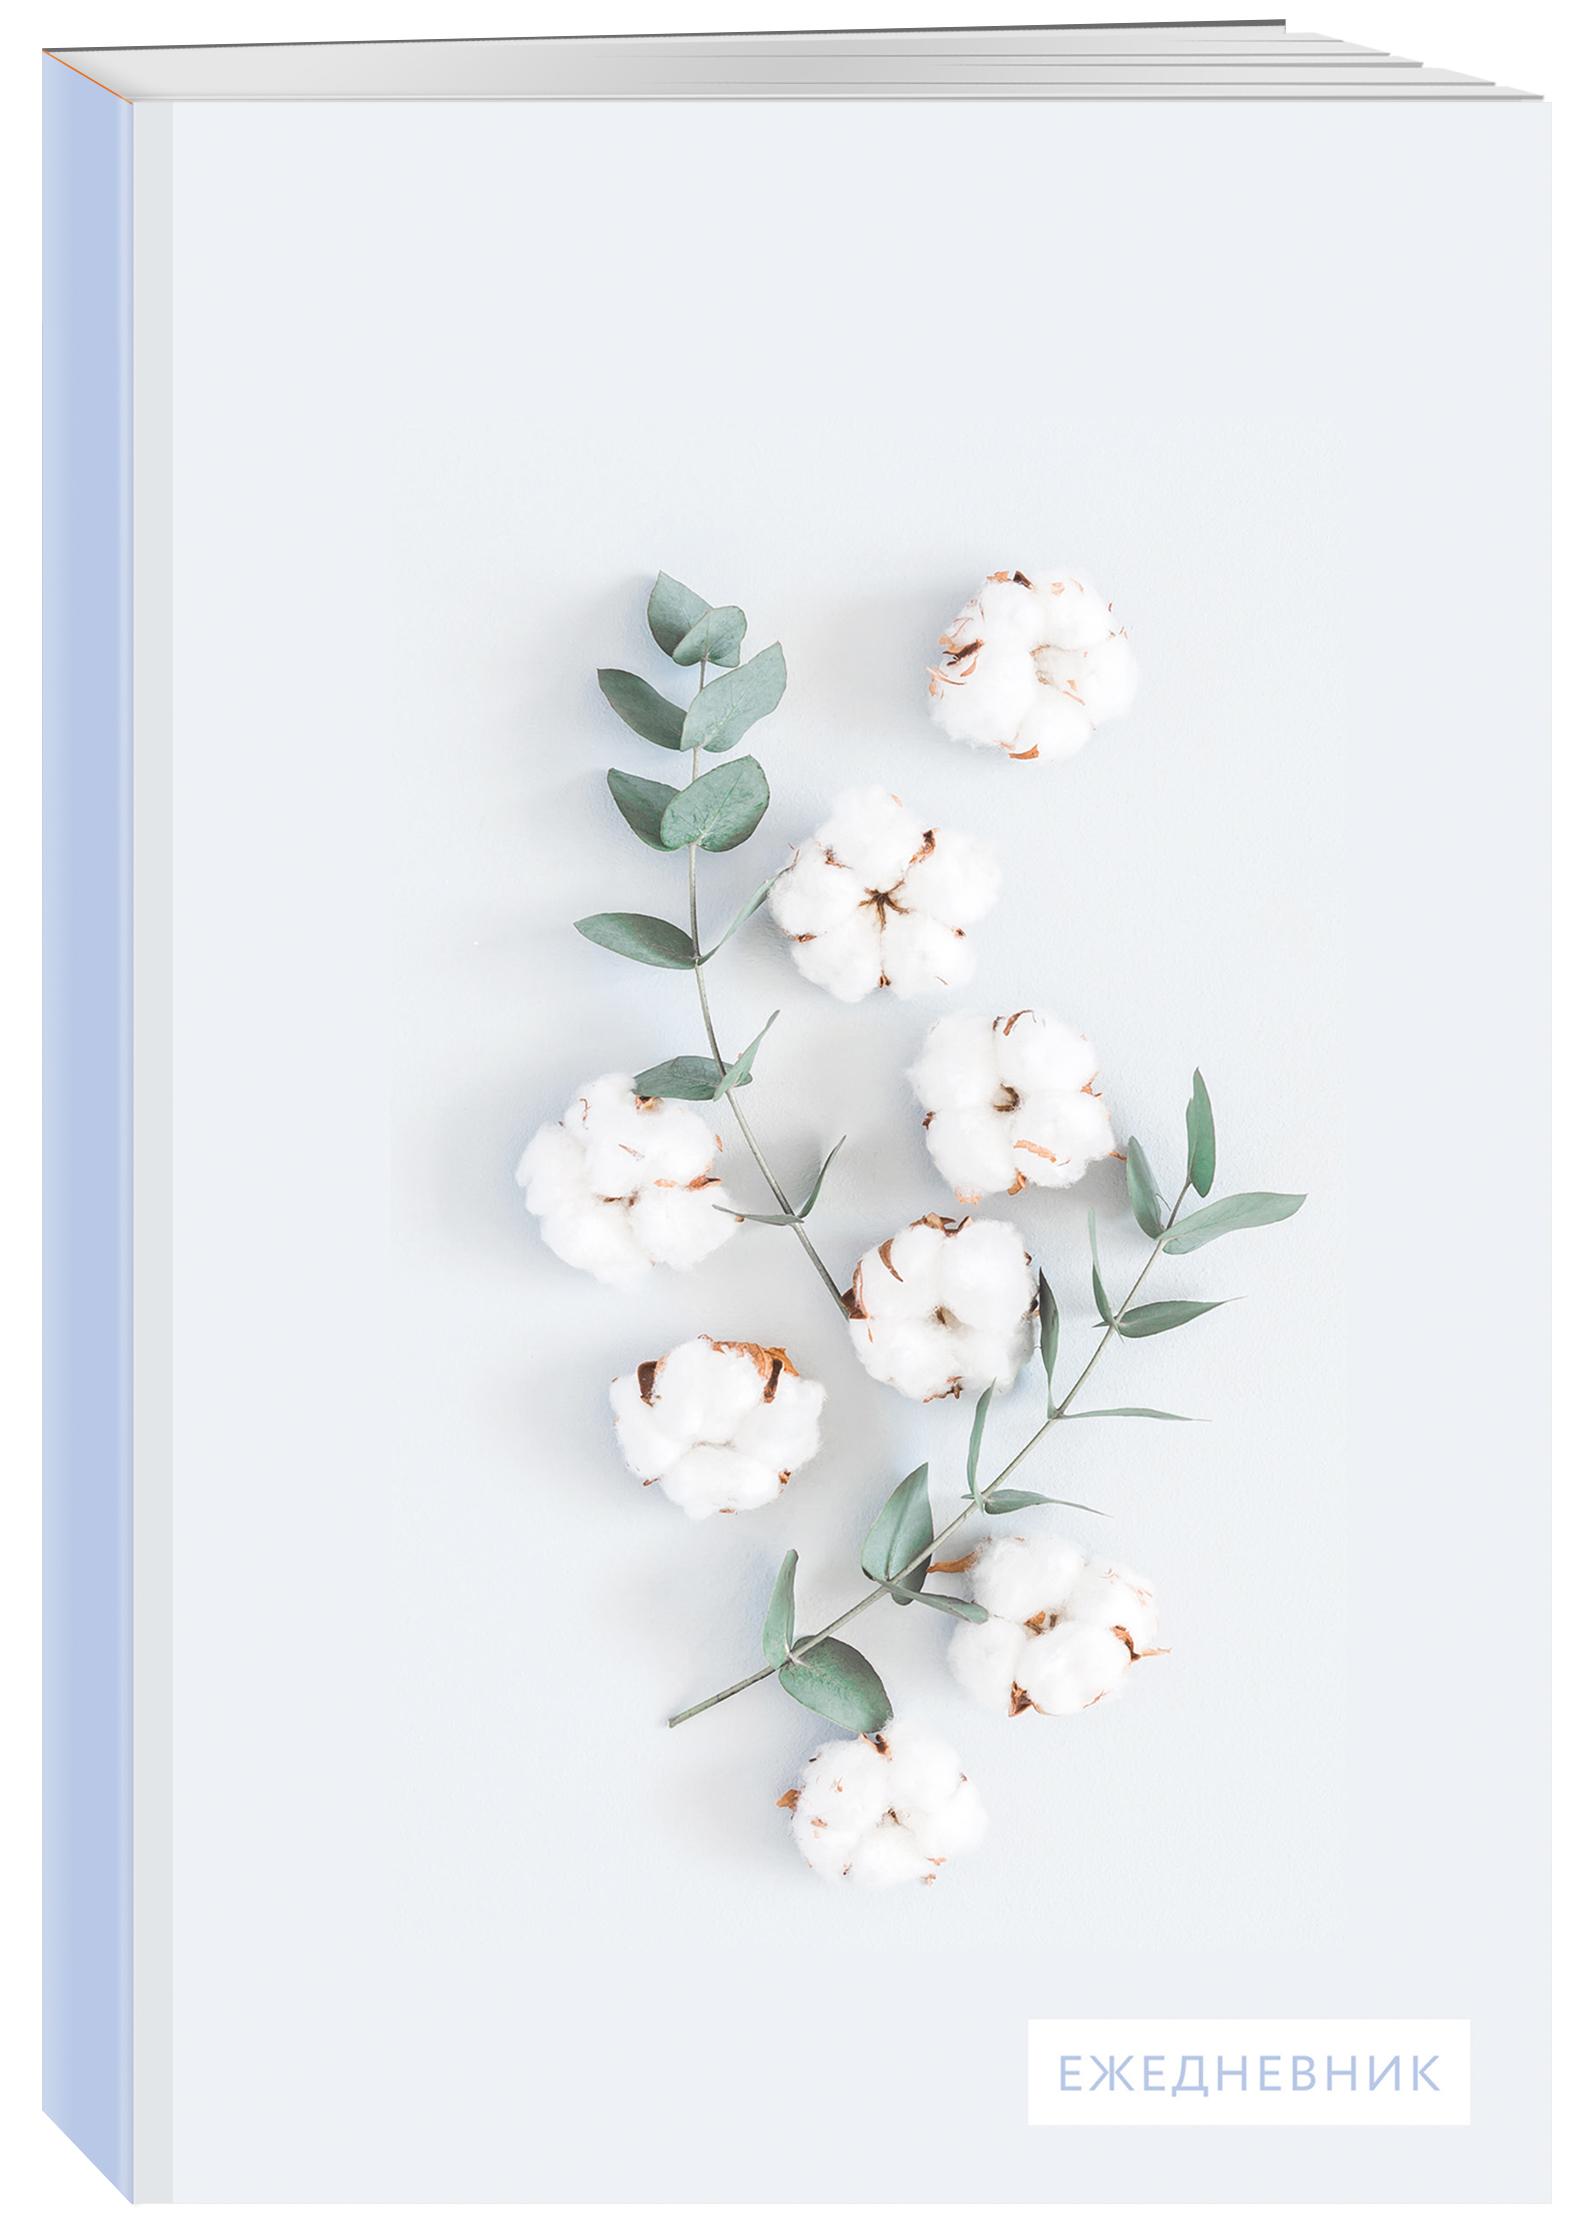 Ботаника. Ежедневник недатированный (белые цветы)